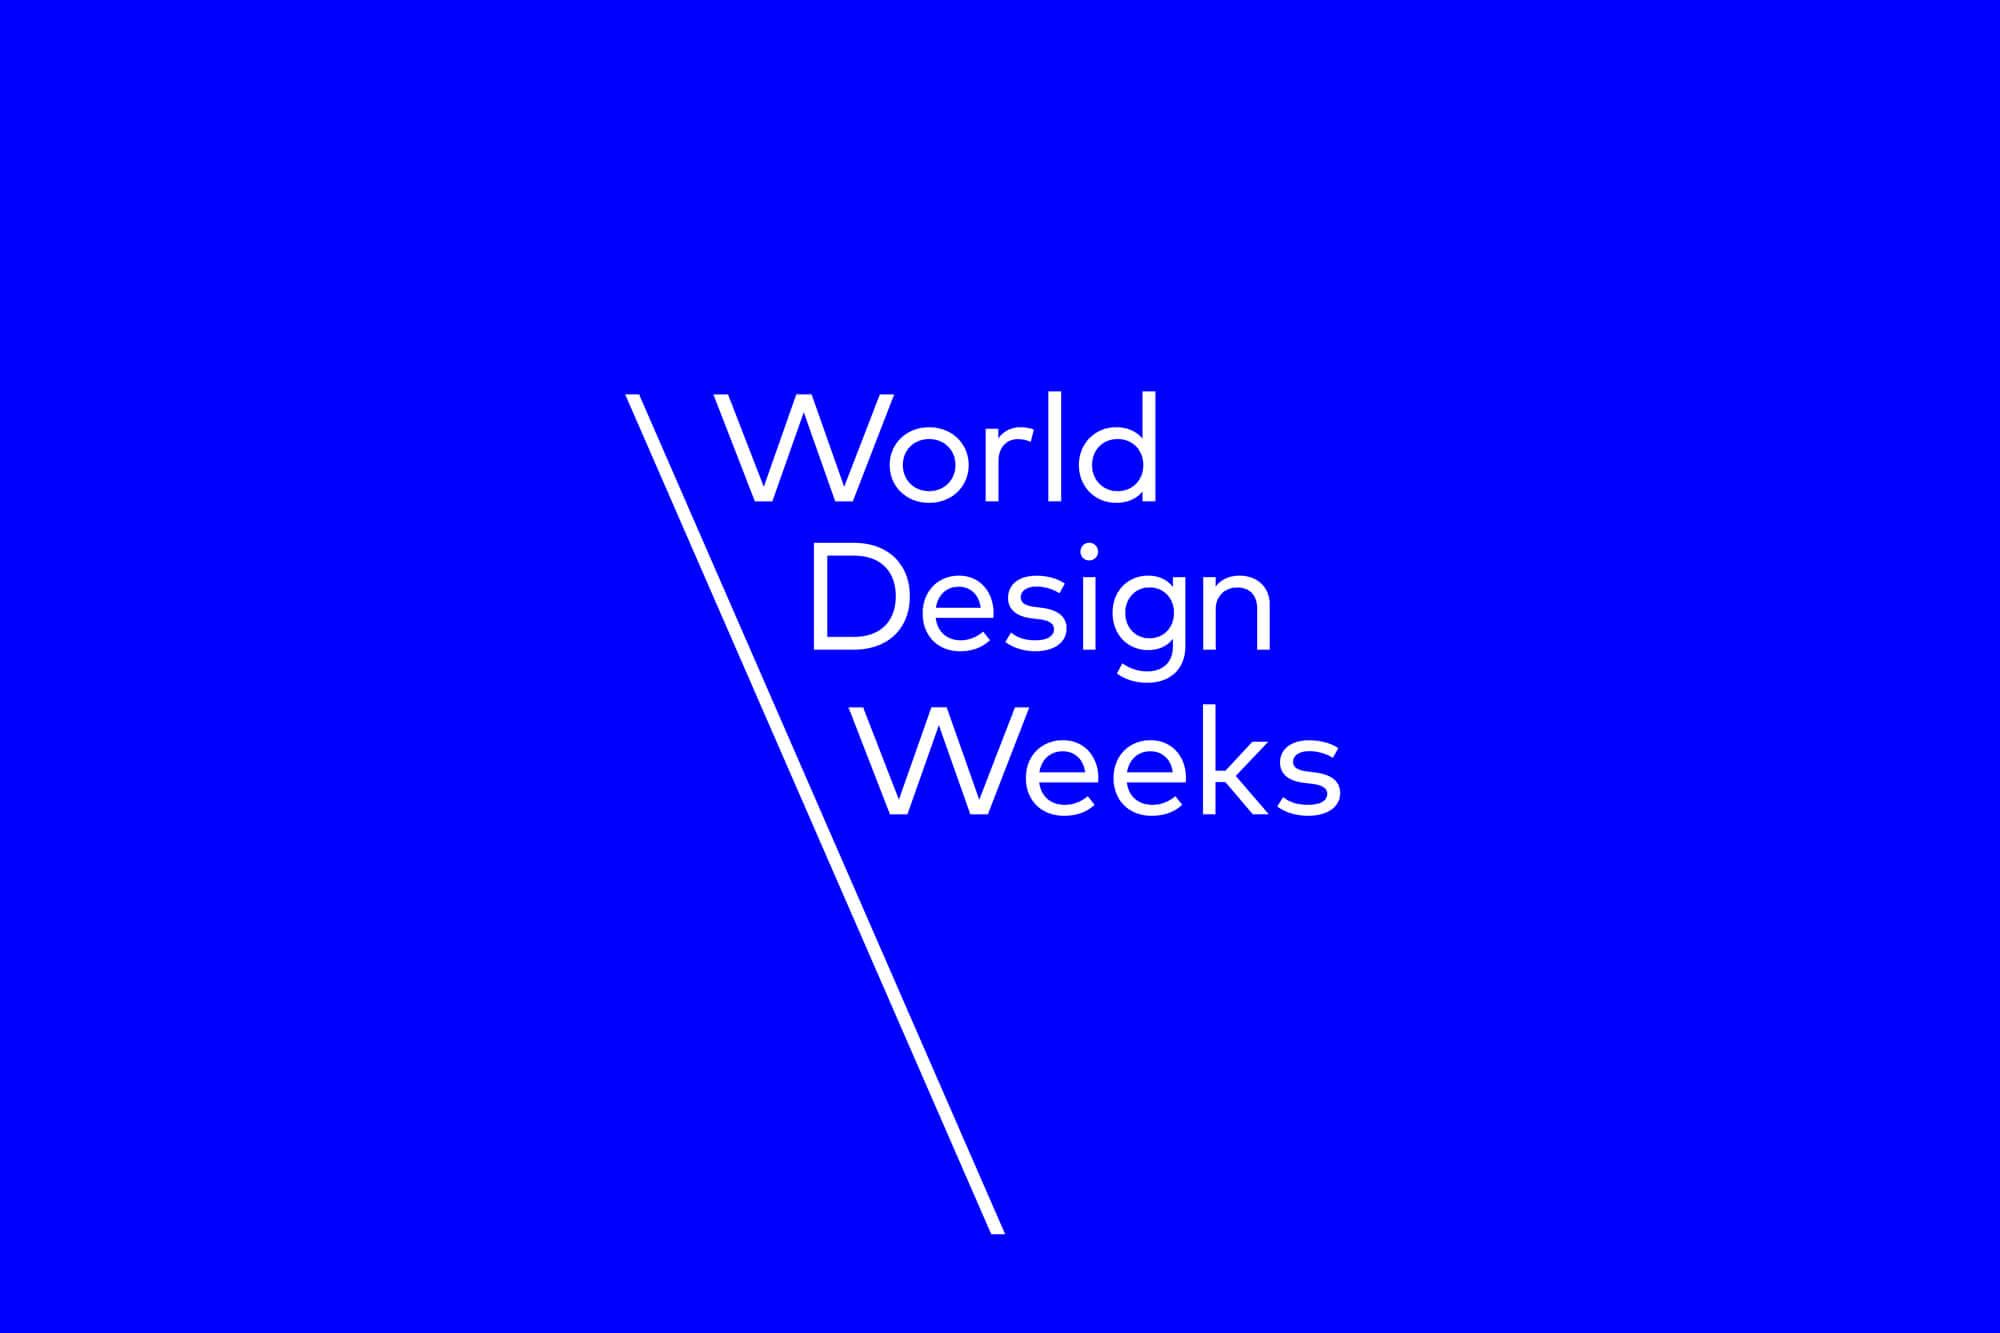 World Design Week